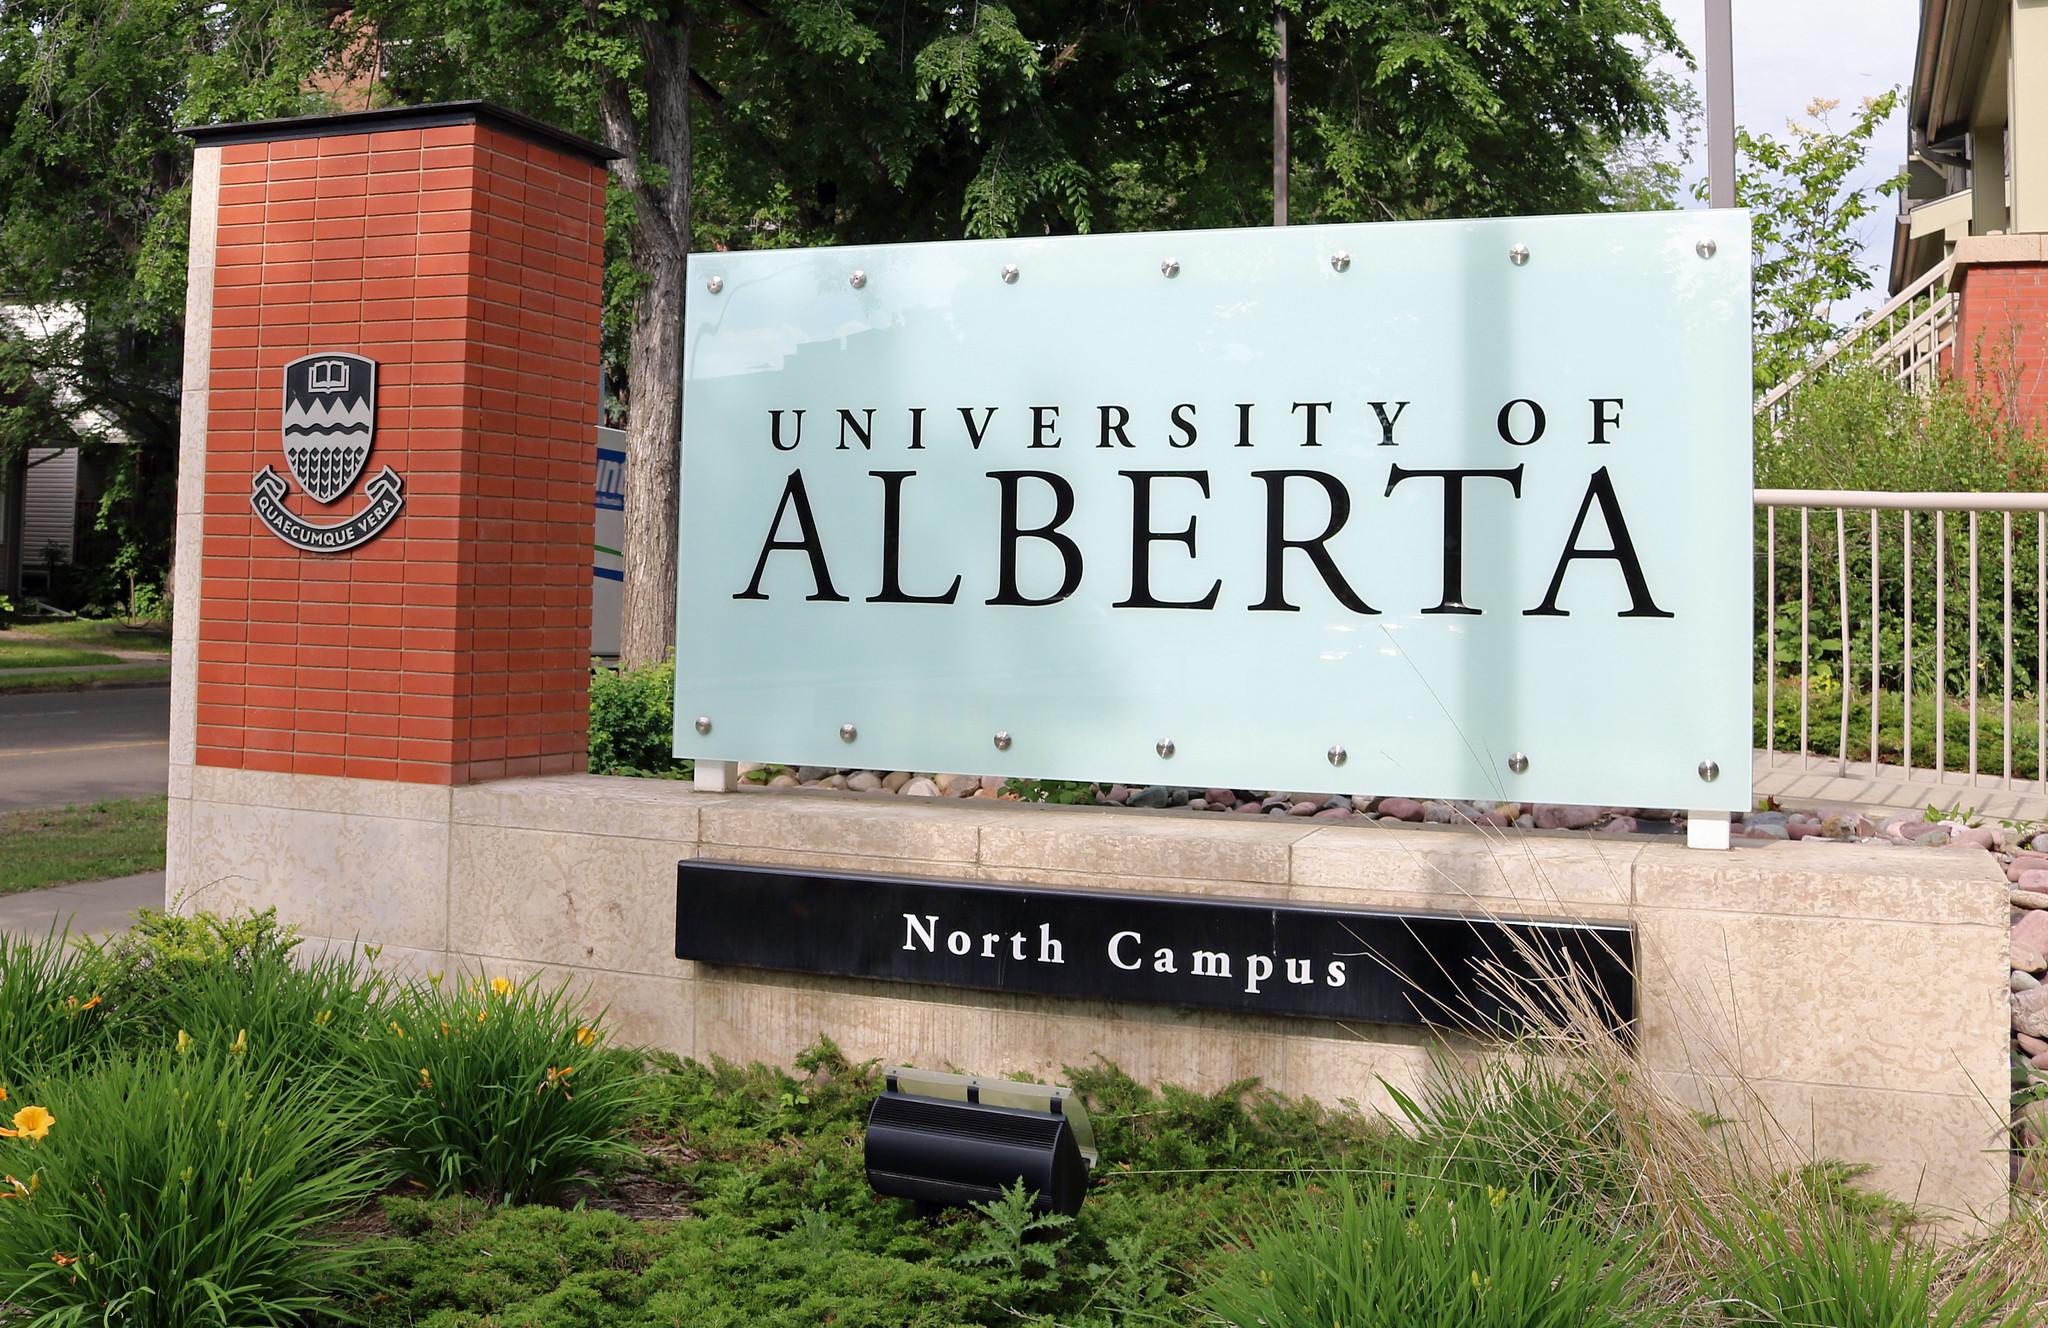 È stato scoperto che l'Università di Alberta ha profondi e prolungati legami con la Cina comunista e ha formato join venture con imprese finanziate dallo stato cinese. (Immagine:  Jeffrey Beall tramite Flickr CC BY SA 2.0)